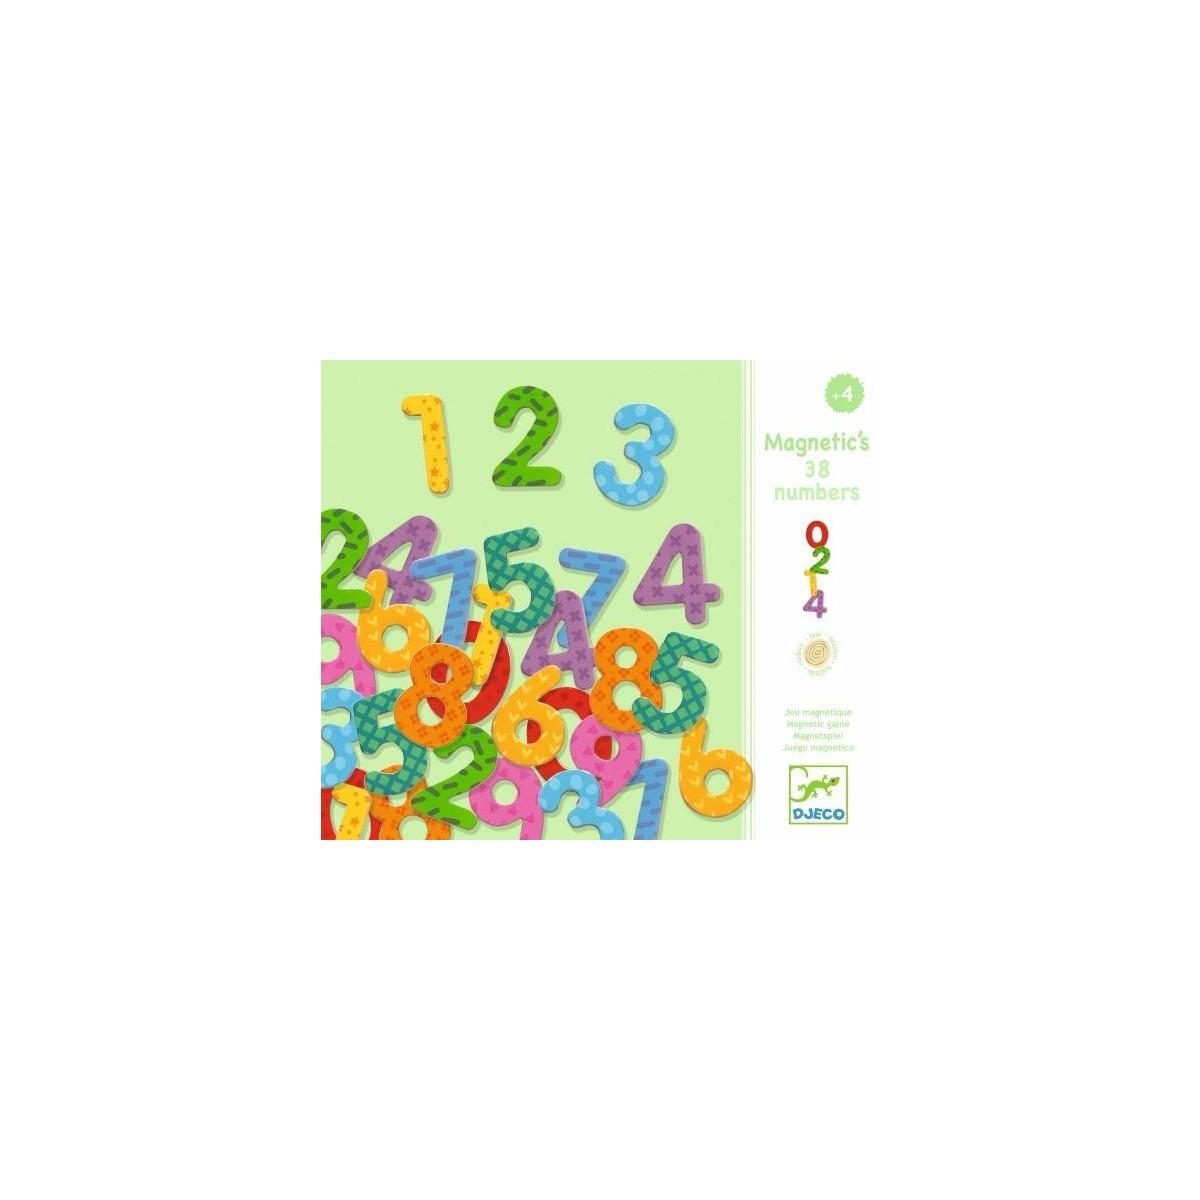 8273ef732 Juego 38 números magnéticos de Djeco. Juegos educativos de madera